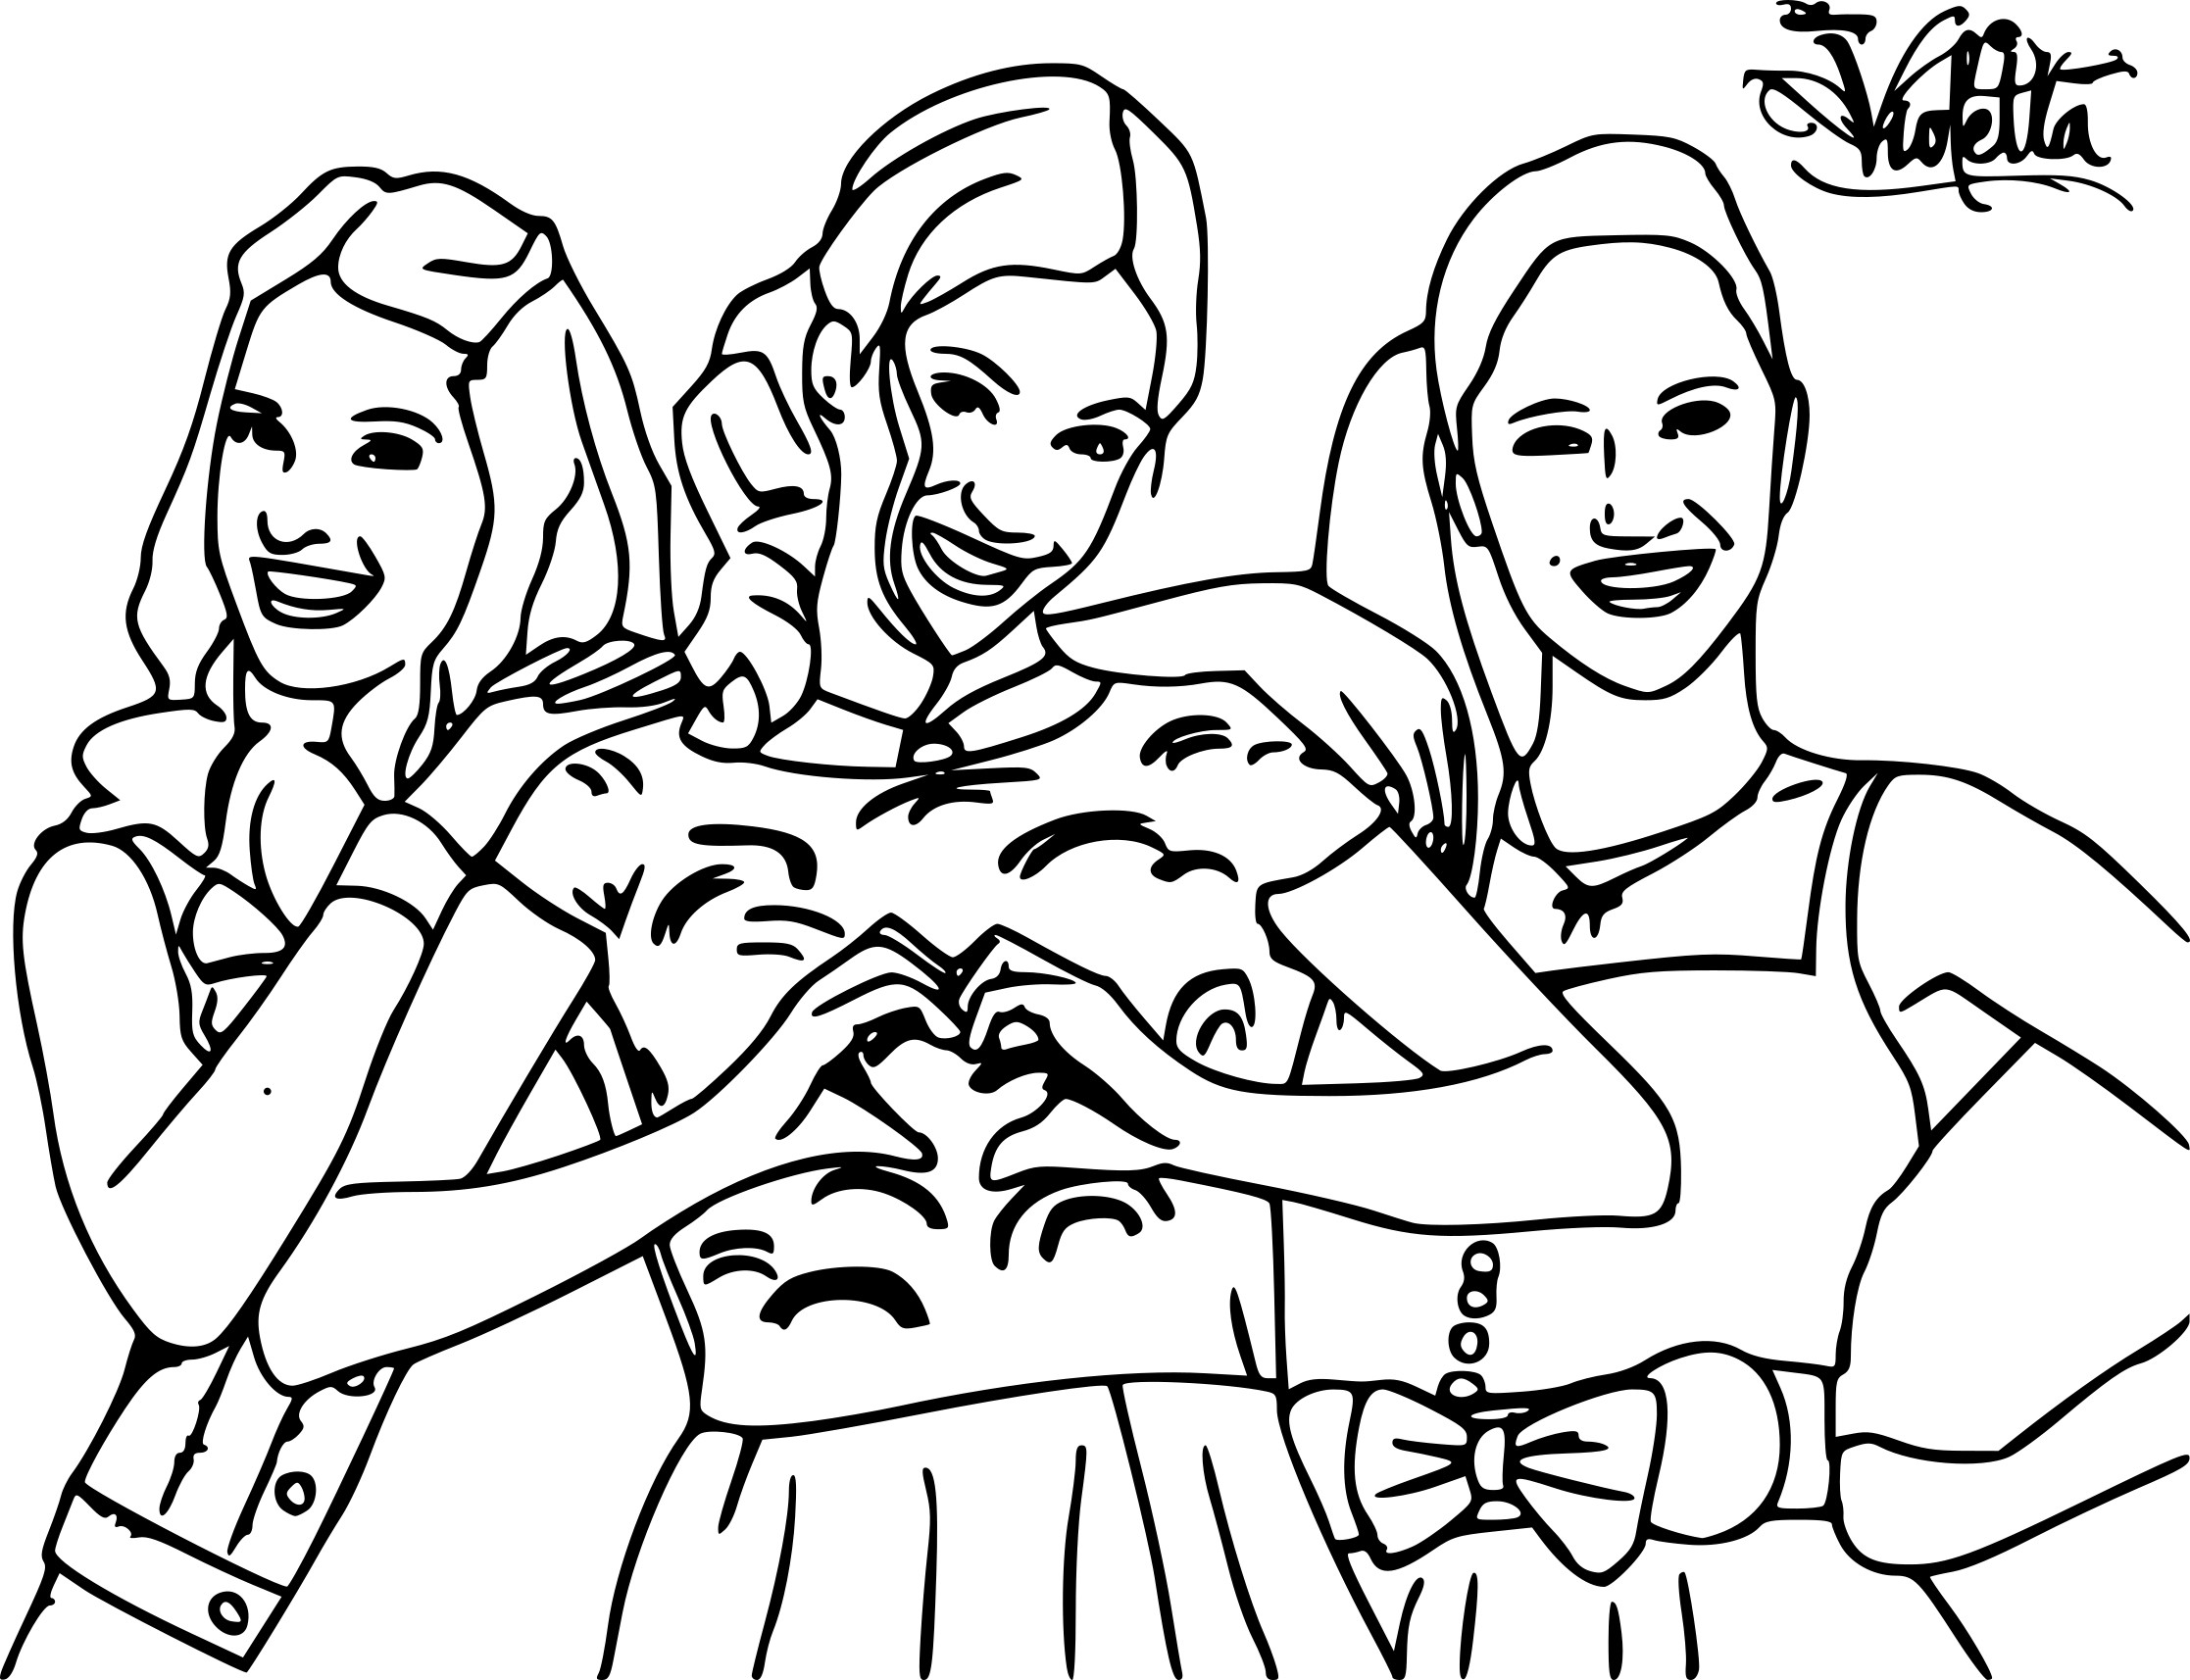 Coloriage Violetta avec ses amies